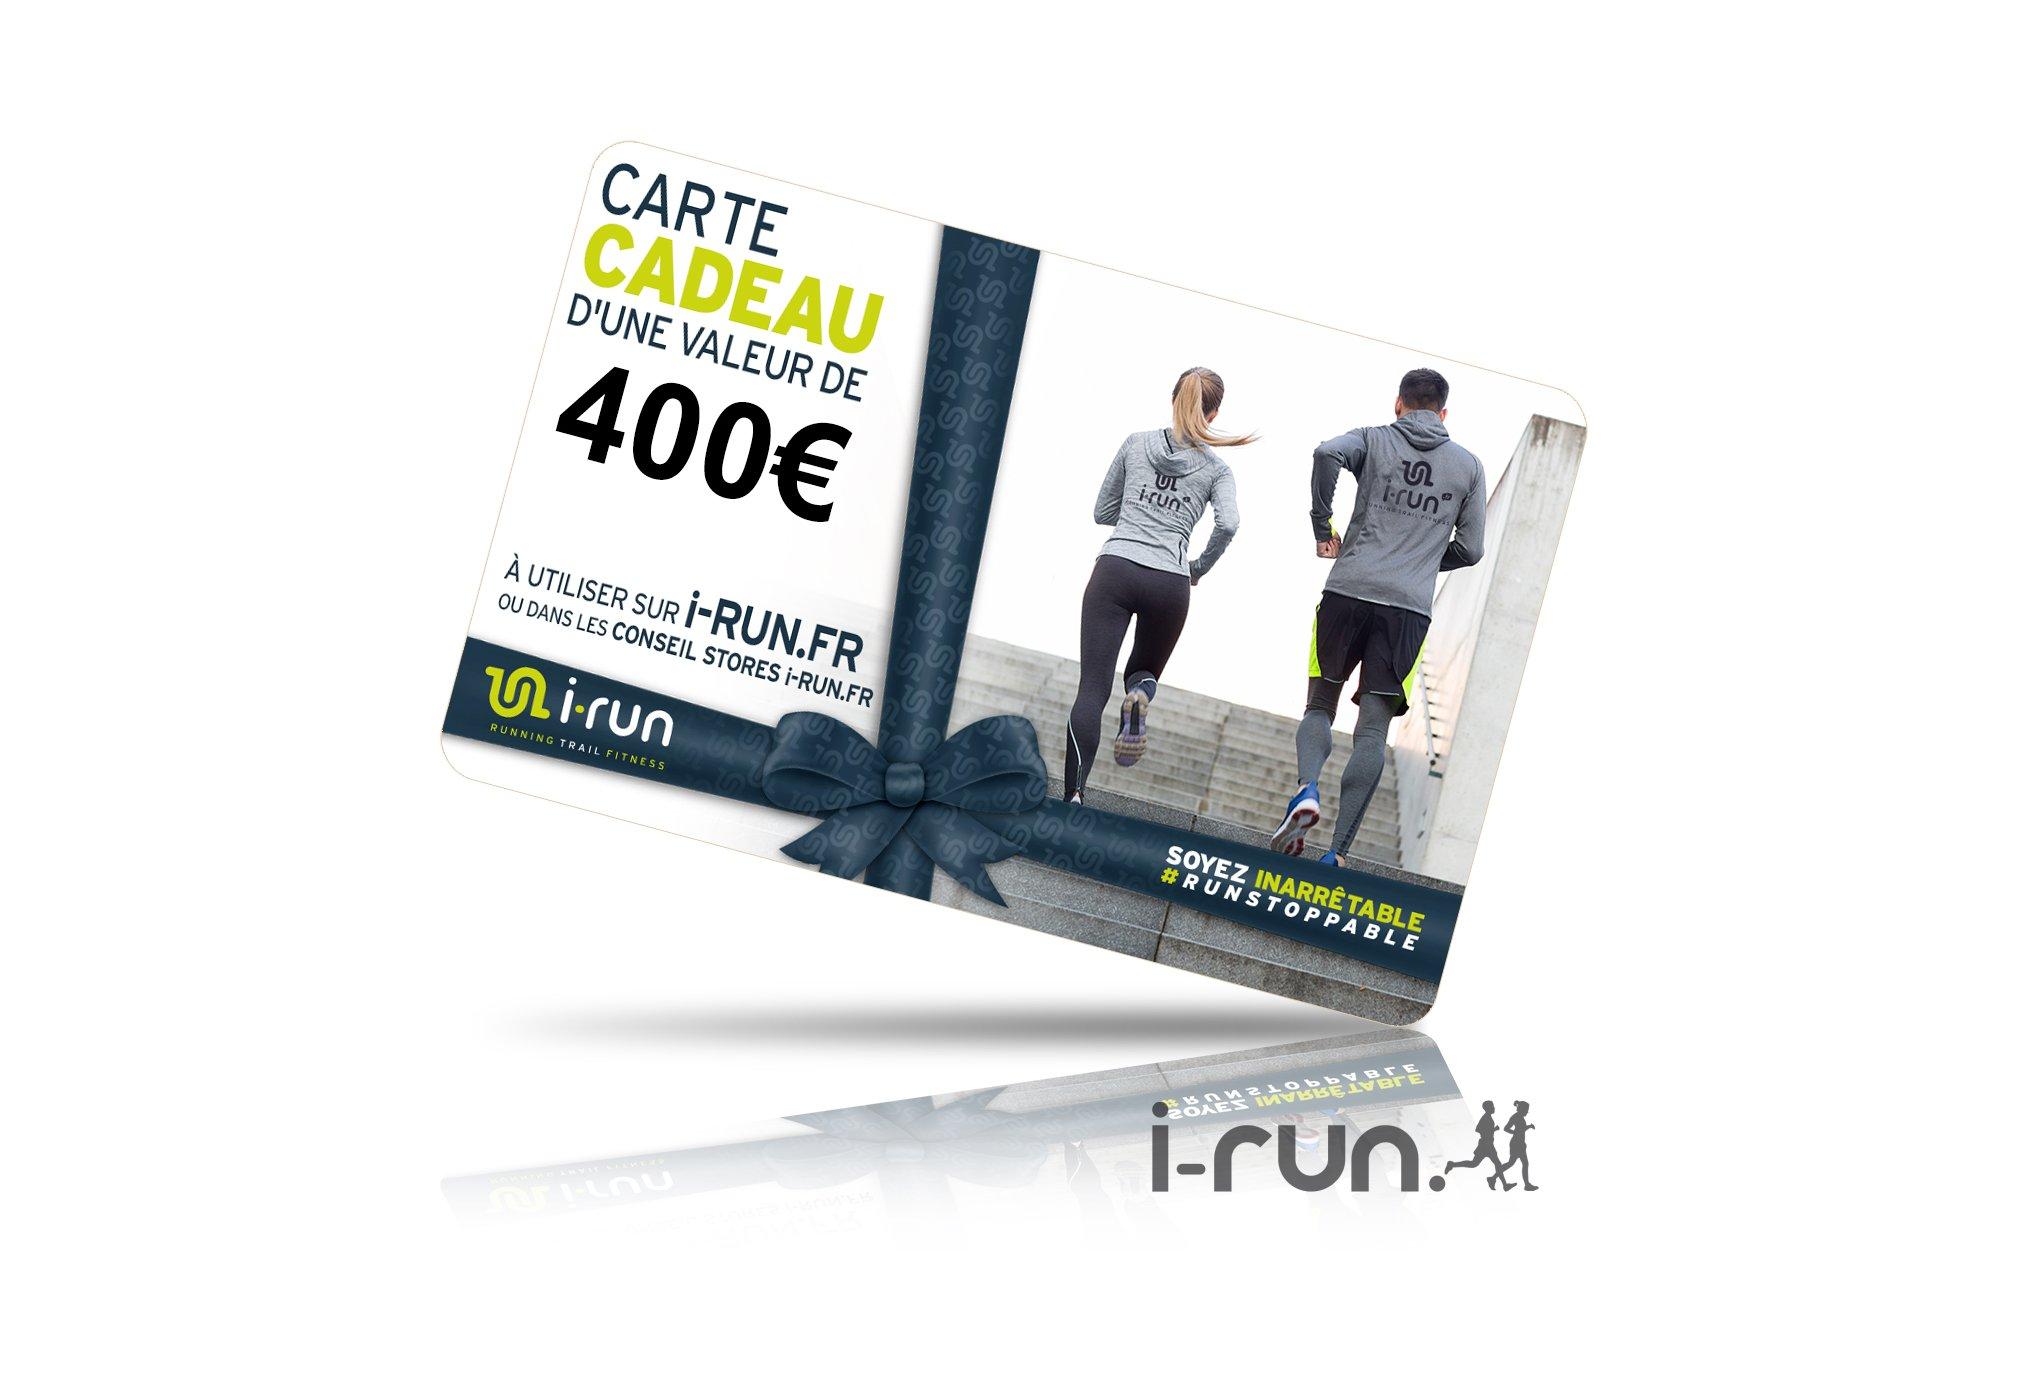 I-Run.Fr Carte cadeau 400 cartes cadeau